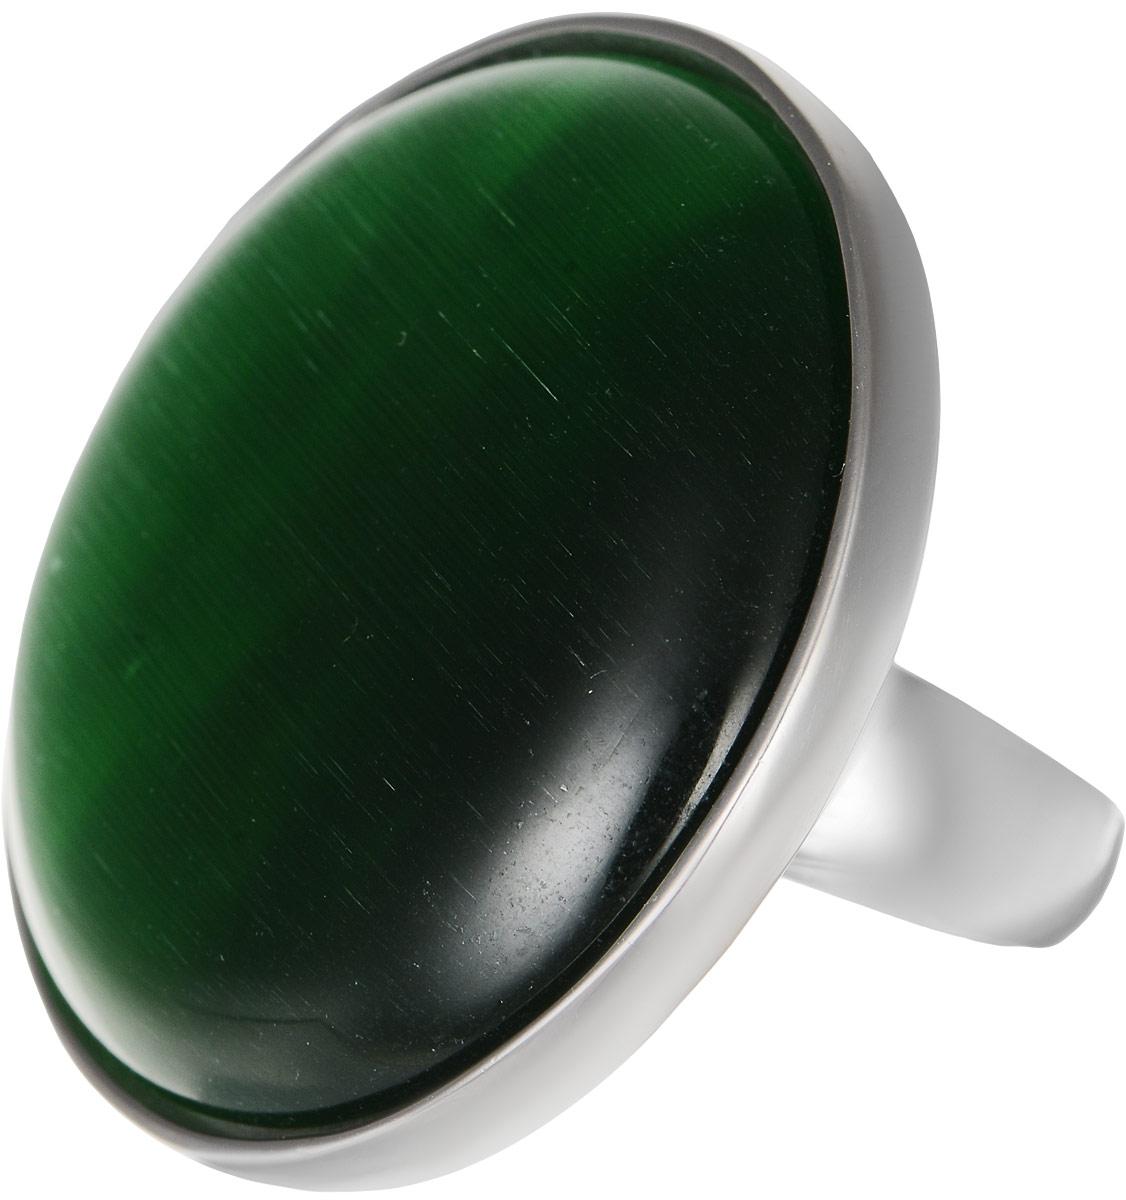 Кольцо Polina Selezneva, цвет: серебристый, зеленый. DG-0020. Размер 20Коктейльное кольцоОригинальное кольцо Polina Selezneva выполнено из бижутерийного сплава. Изделие круглой формы, дополнено искусственным камнем. Такое кольцо это блестящее завершение вашего неповторимого, смелого образа и отличный подарок для ценительницы необычных украшений!